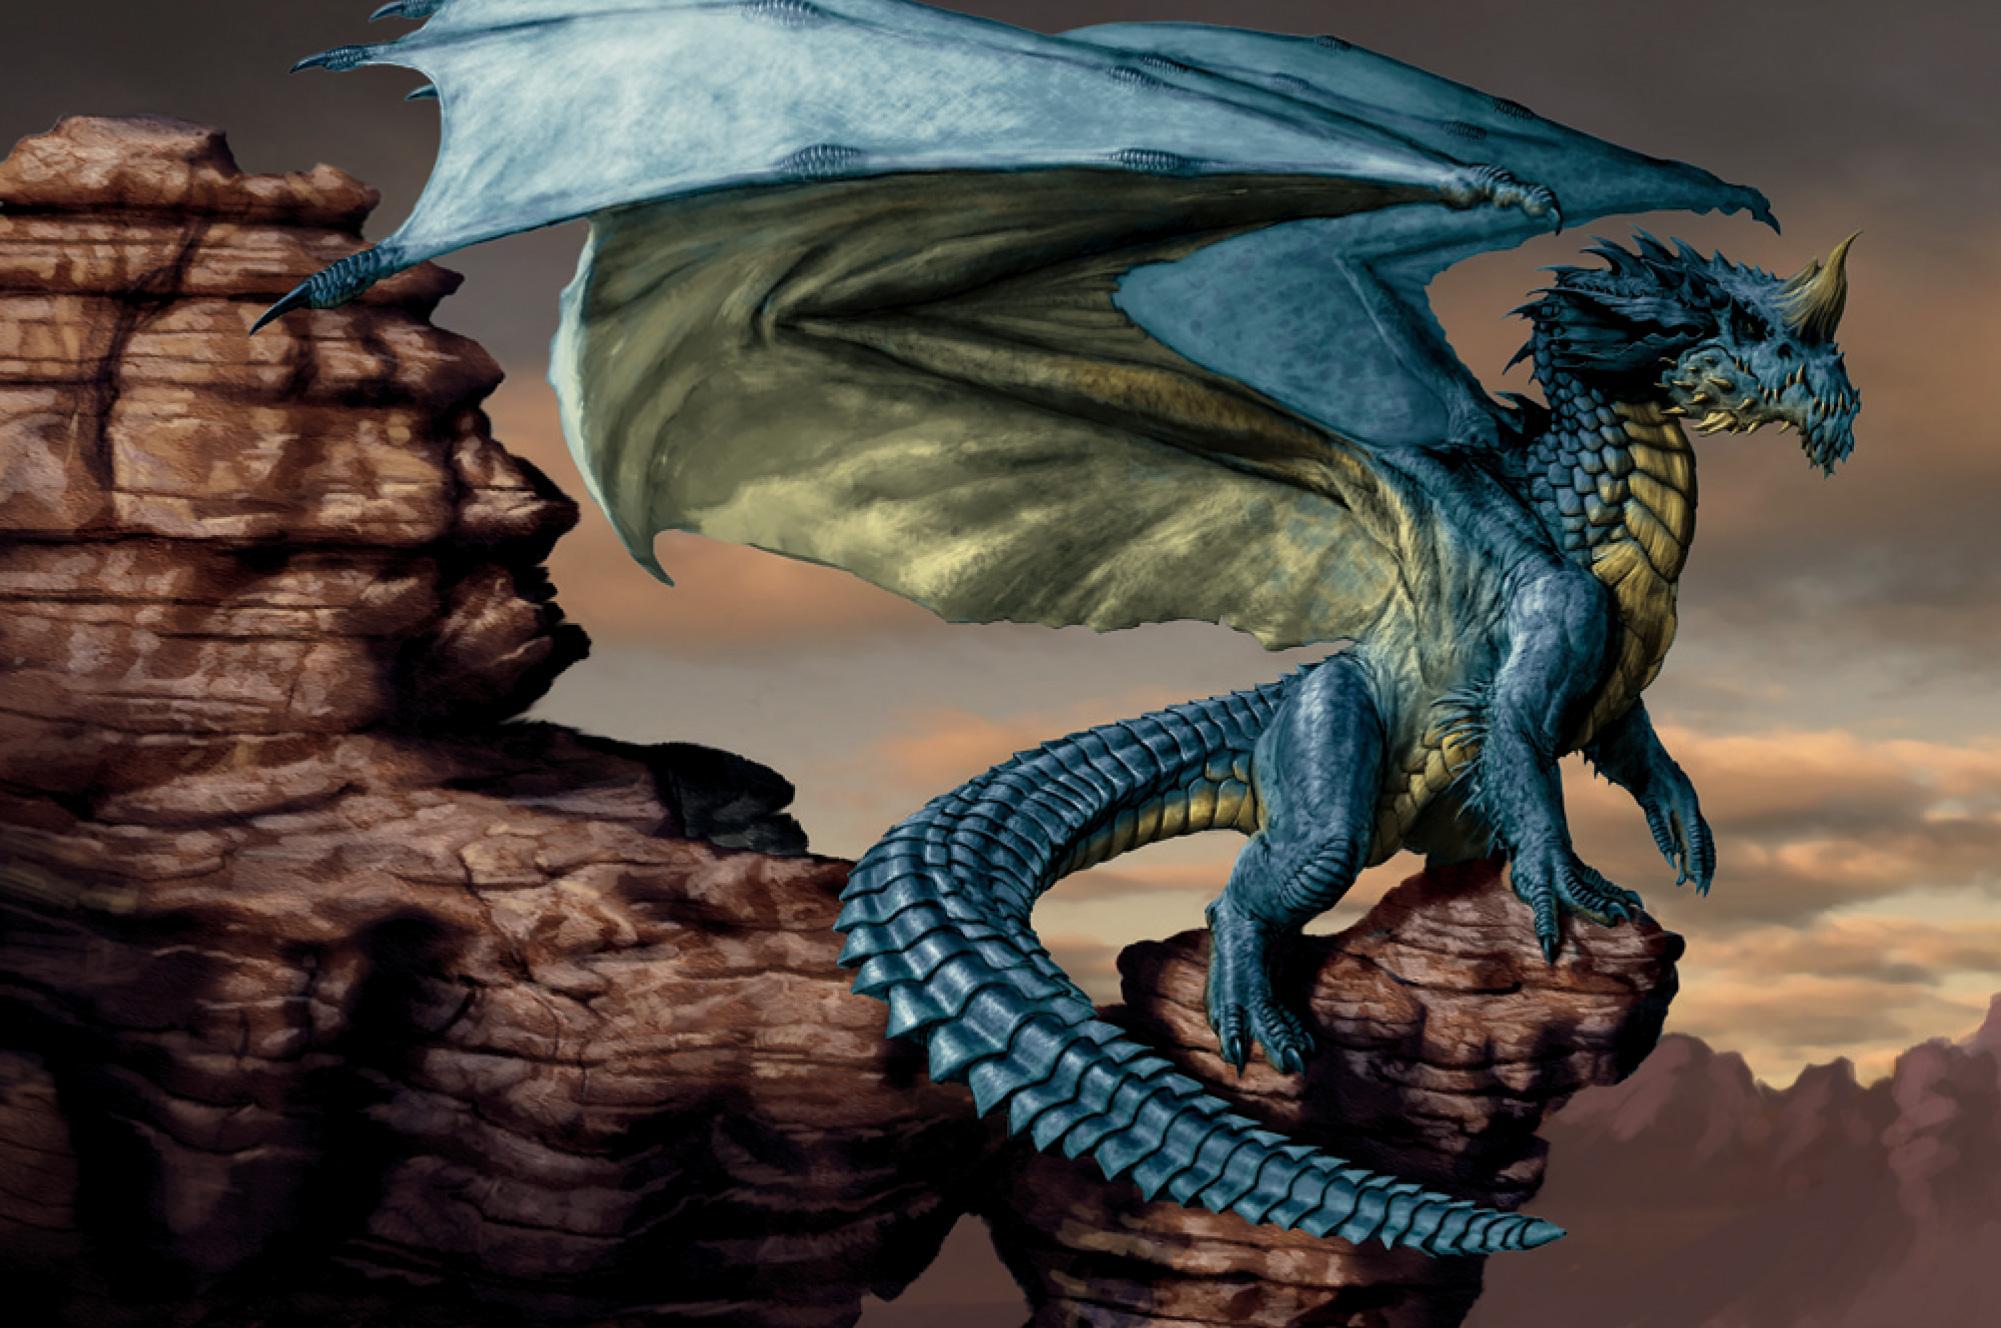 короткожирнохвостая все про драконов с картинками коль выдастся день